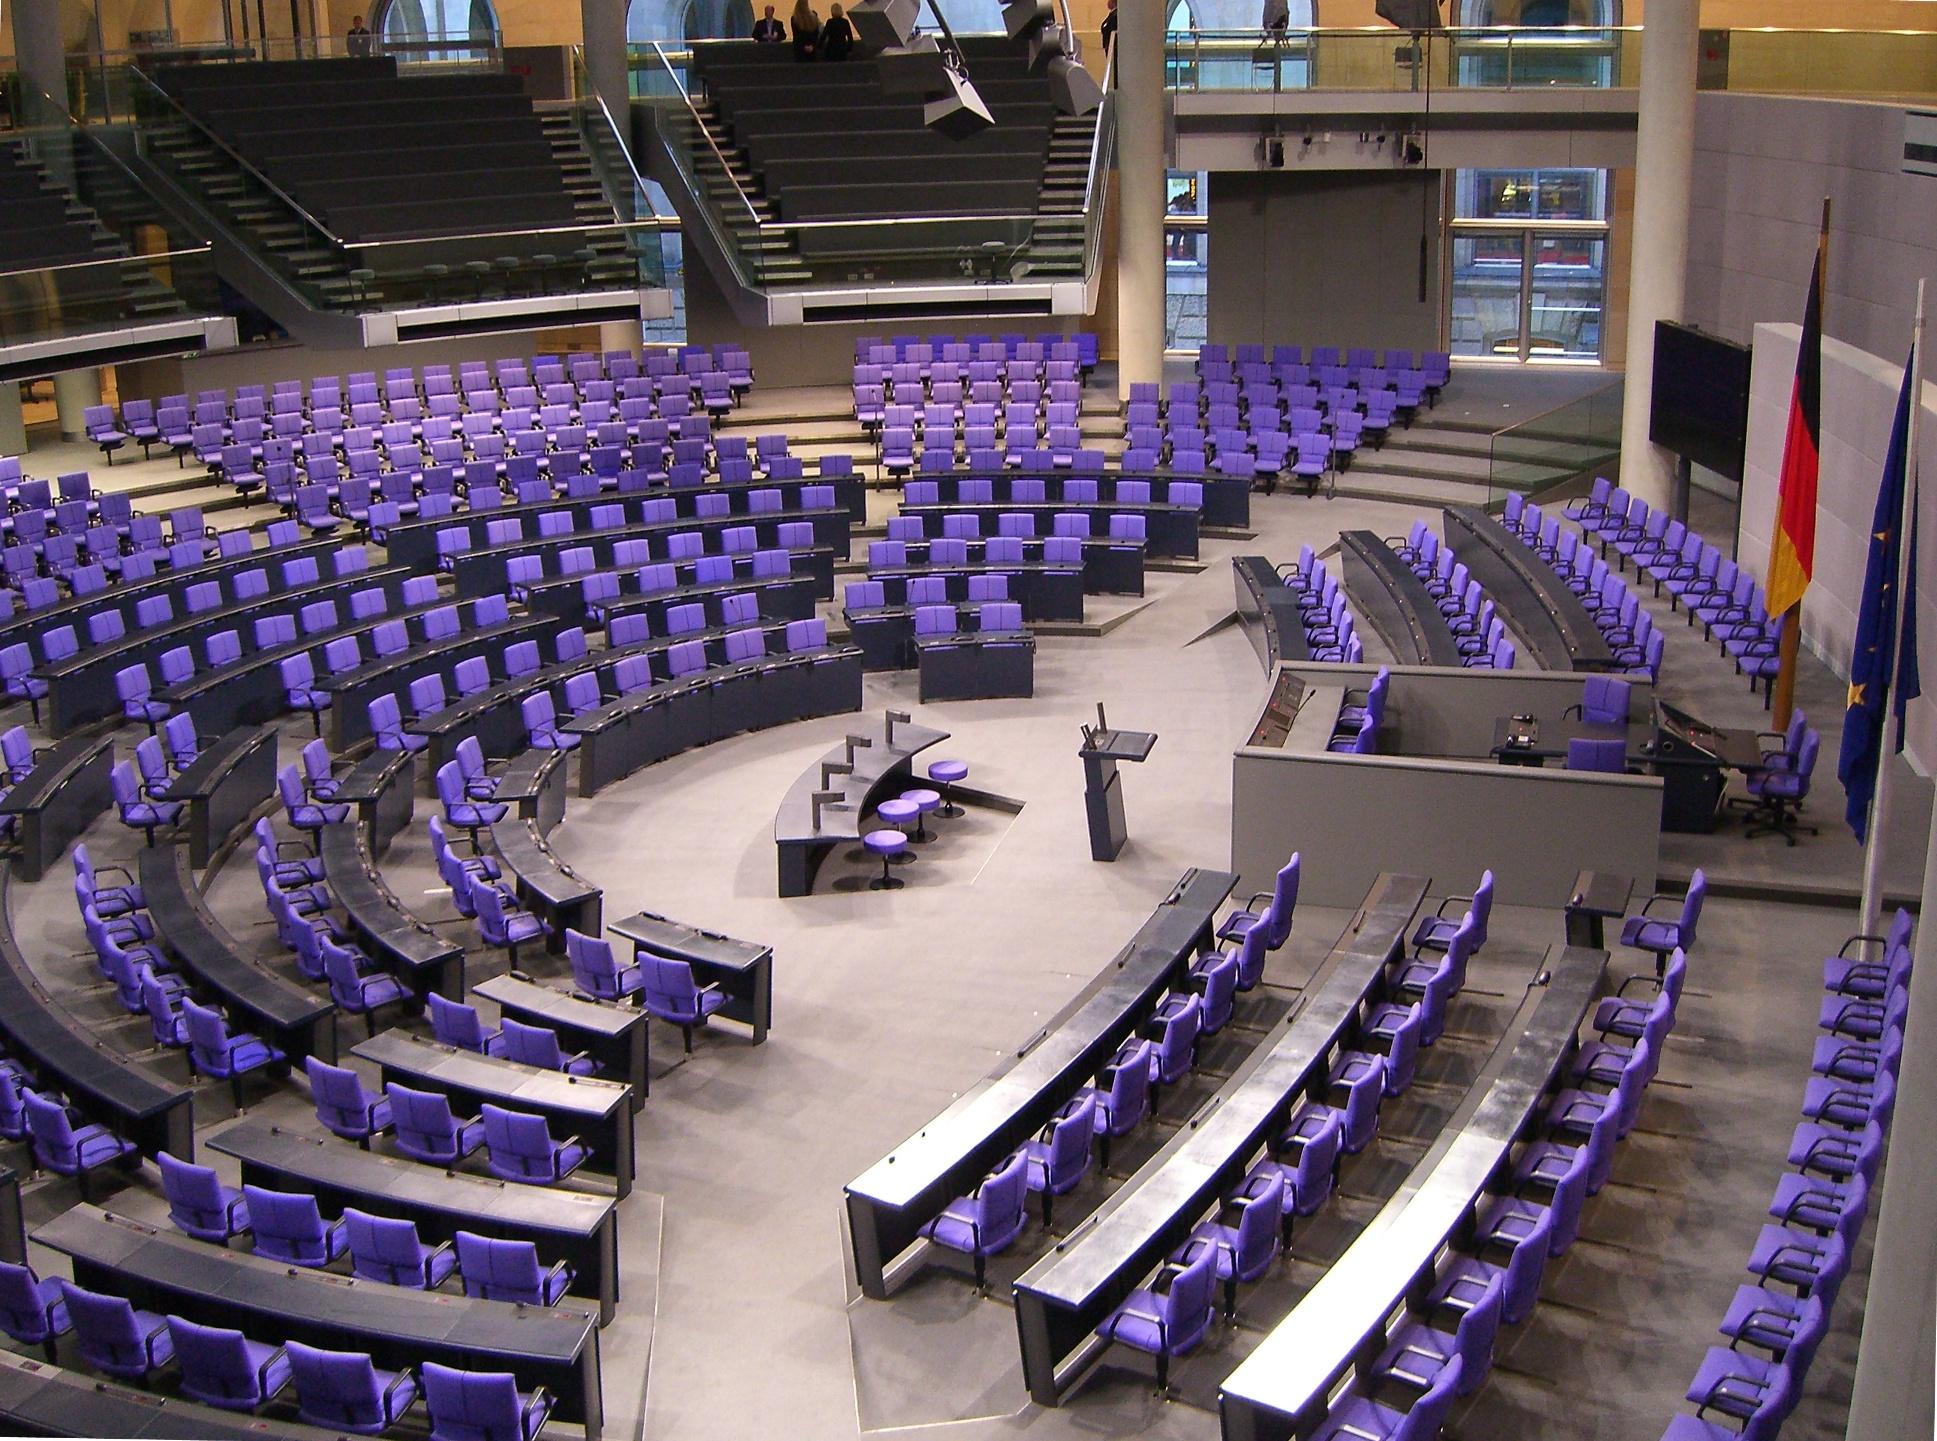 SDeutscher_Bundestag_Plenarsaal_Seitenansicht